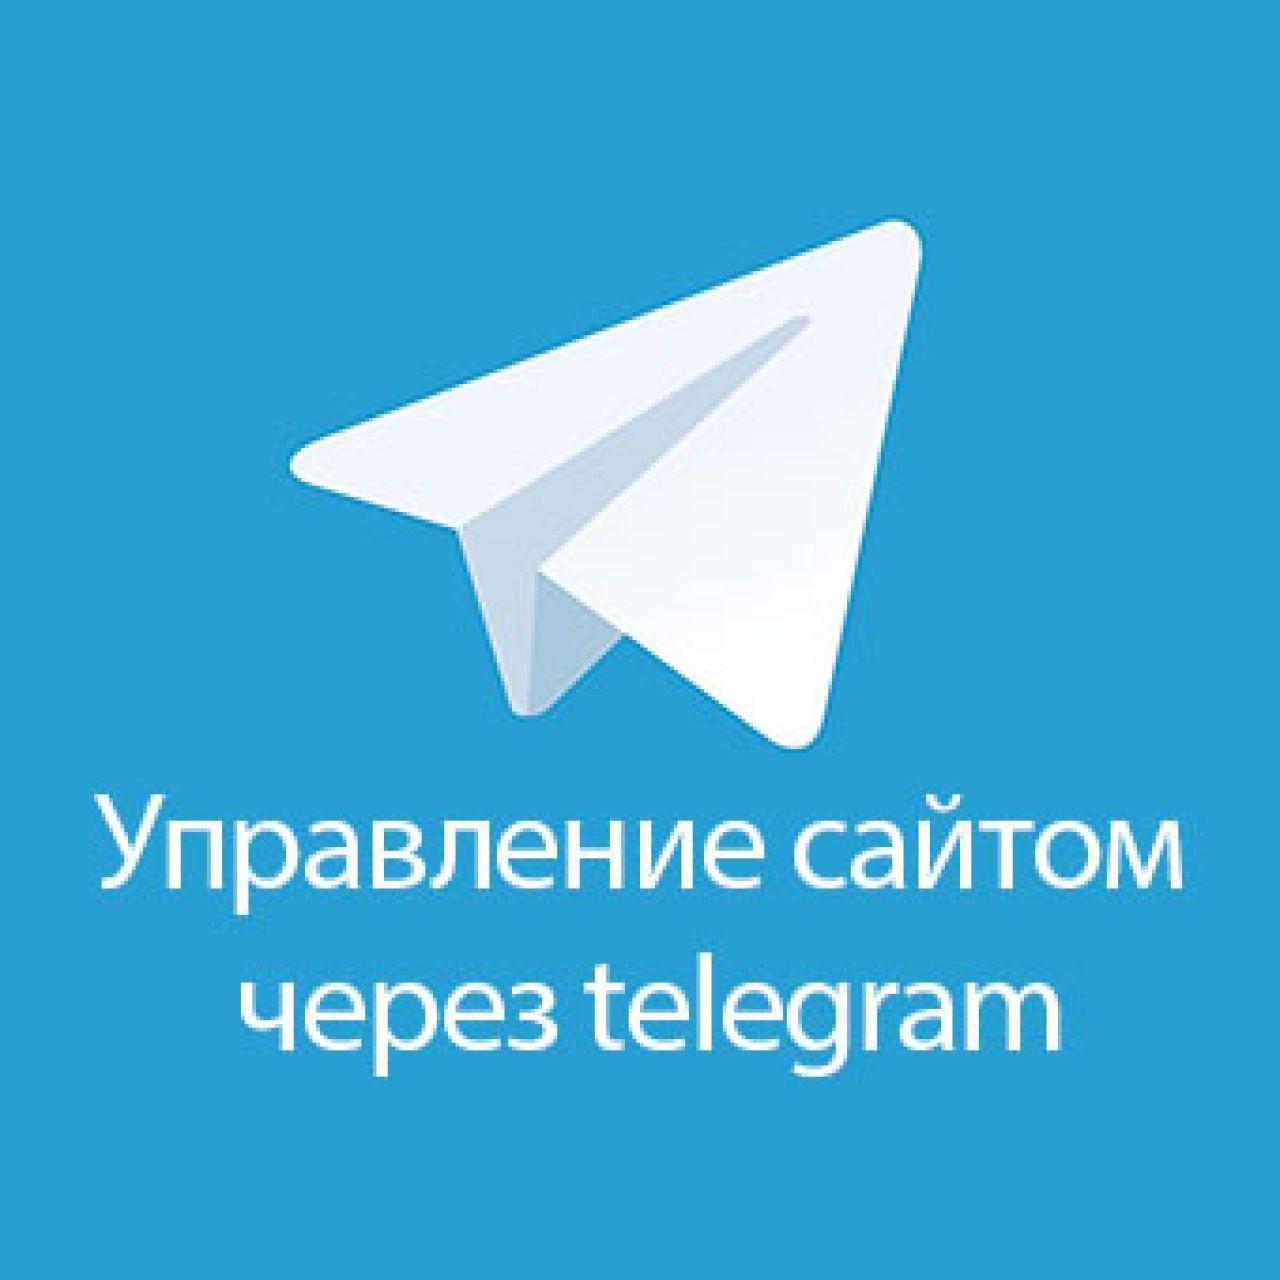 Управление сайтом через telegram из категории Социальные сети, отзывы для CMS OpenCart (ОпенКарт)